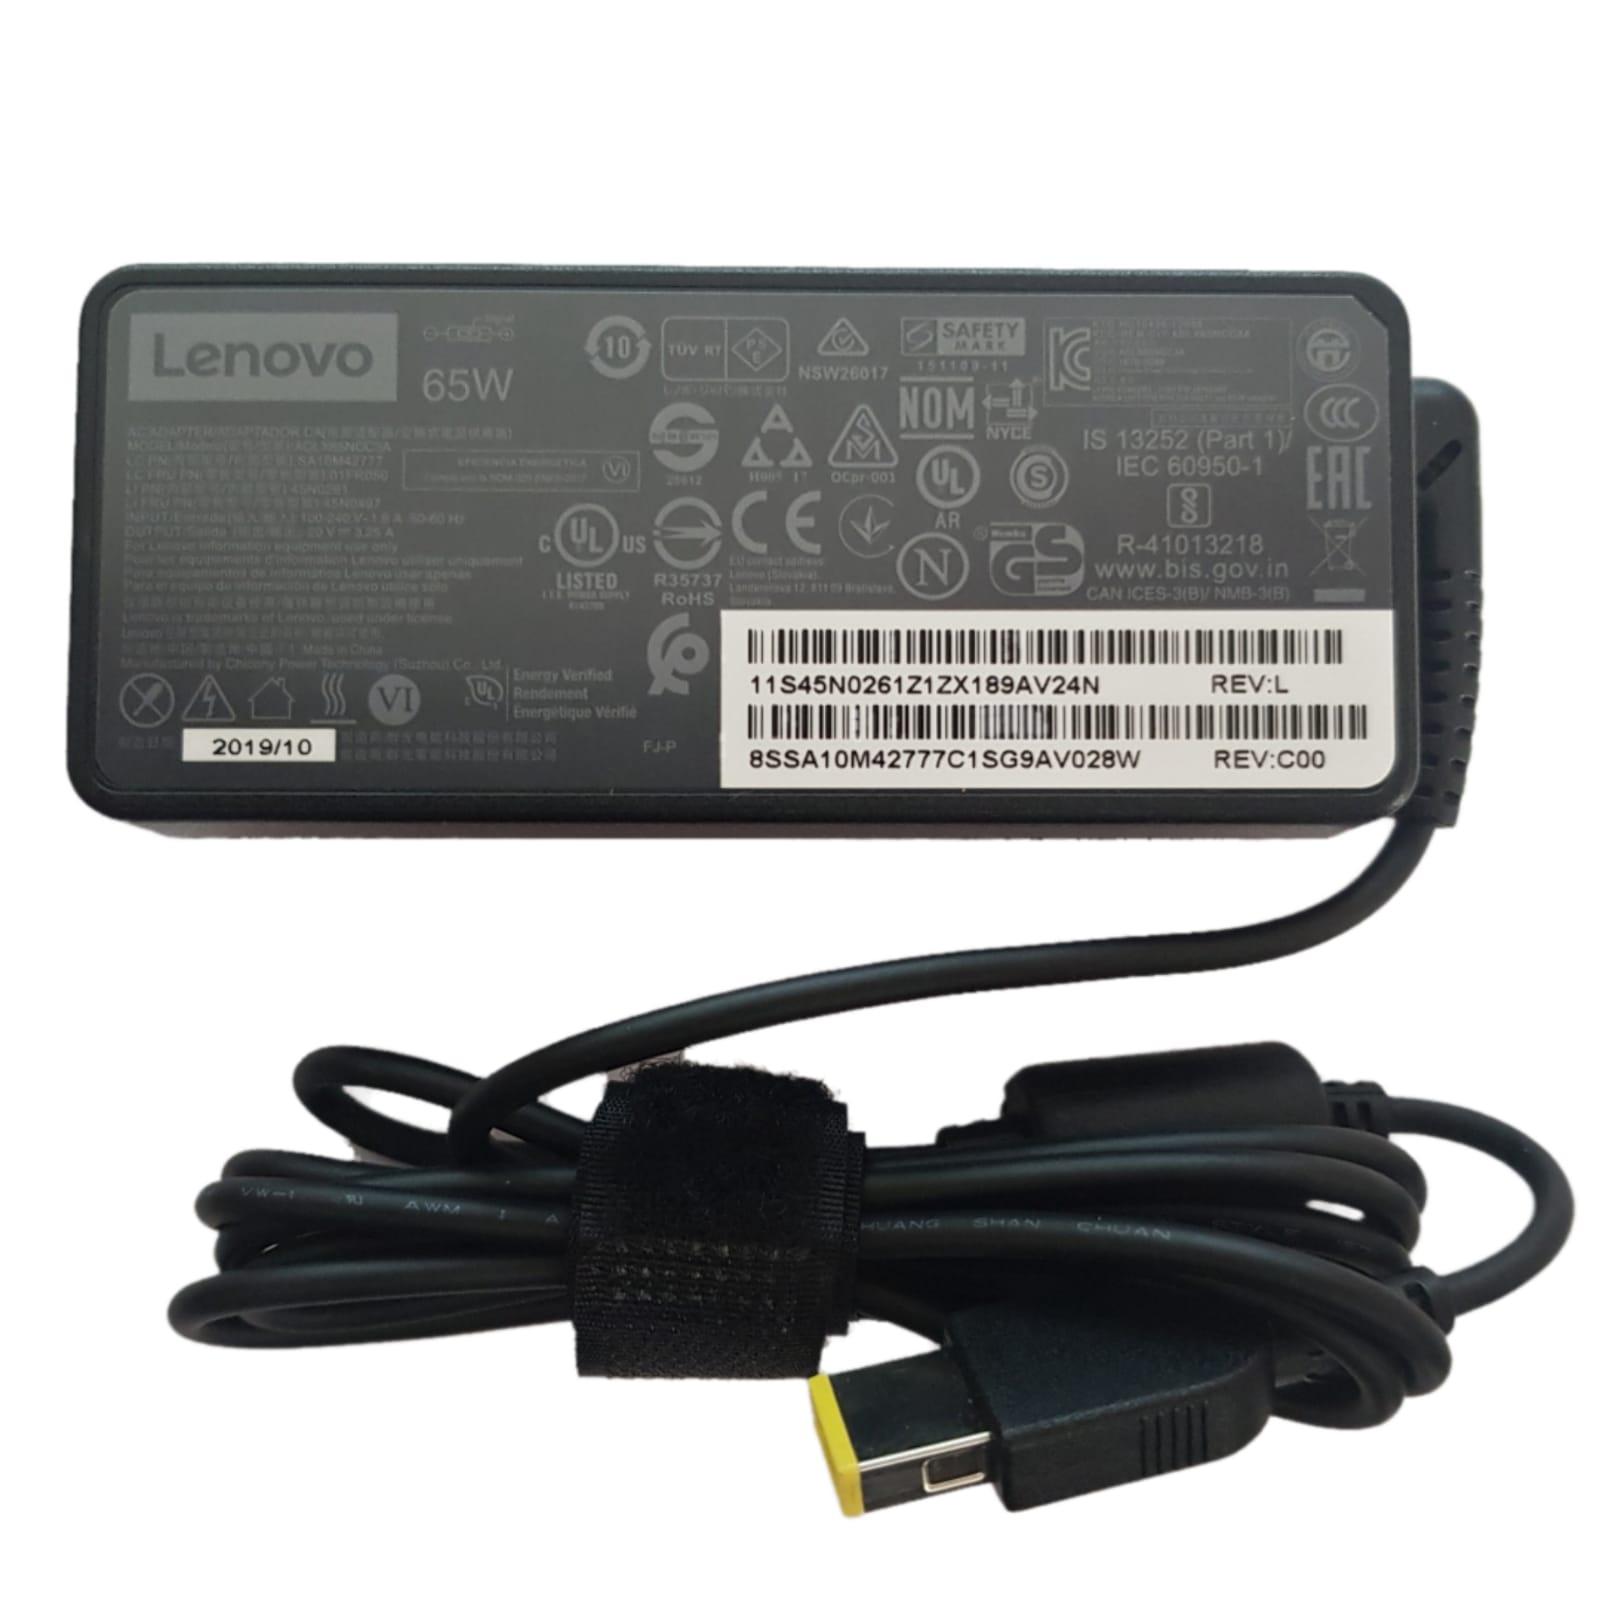 מטען למחשב נייד לנובו Lenovo 20V-3.25A Carbon USB 65W